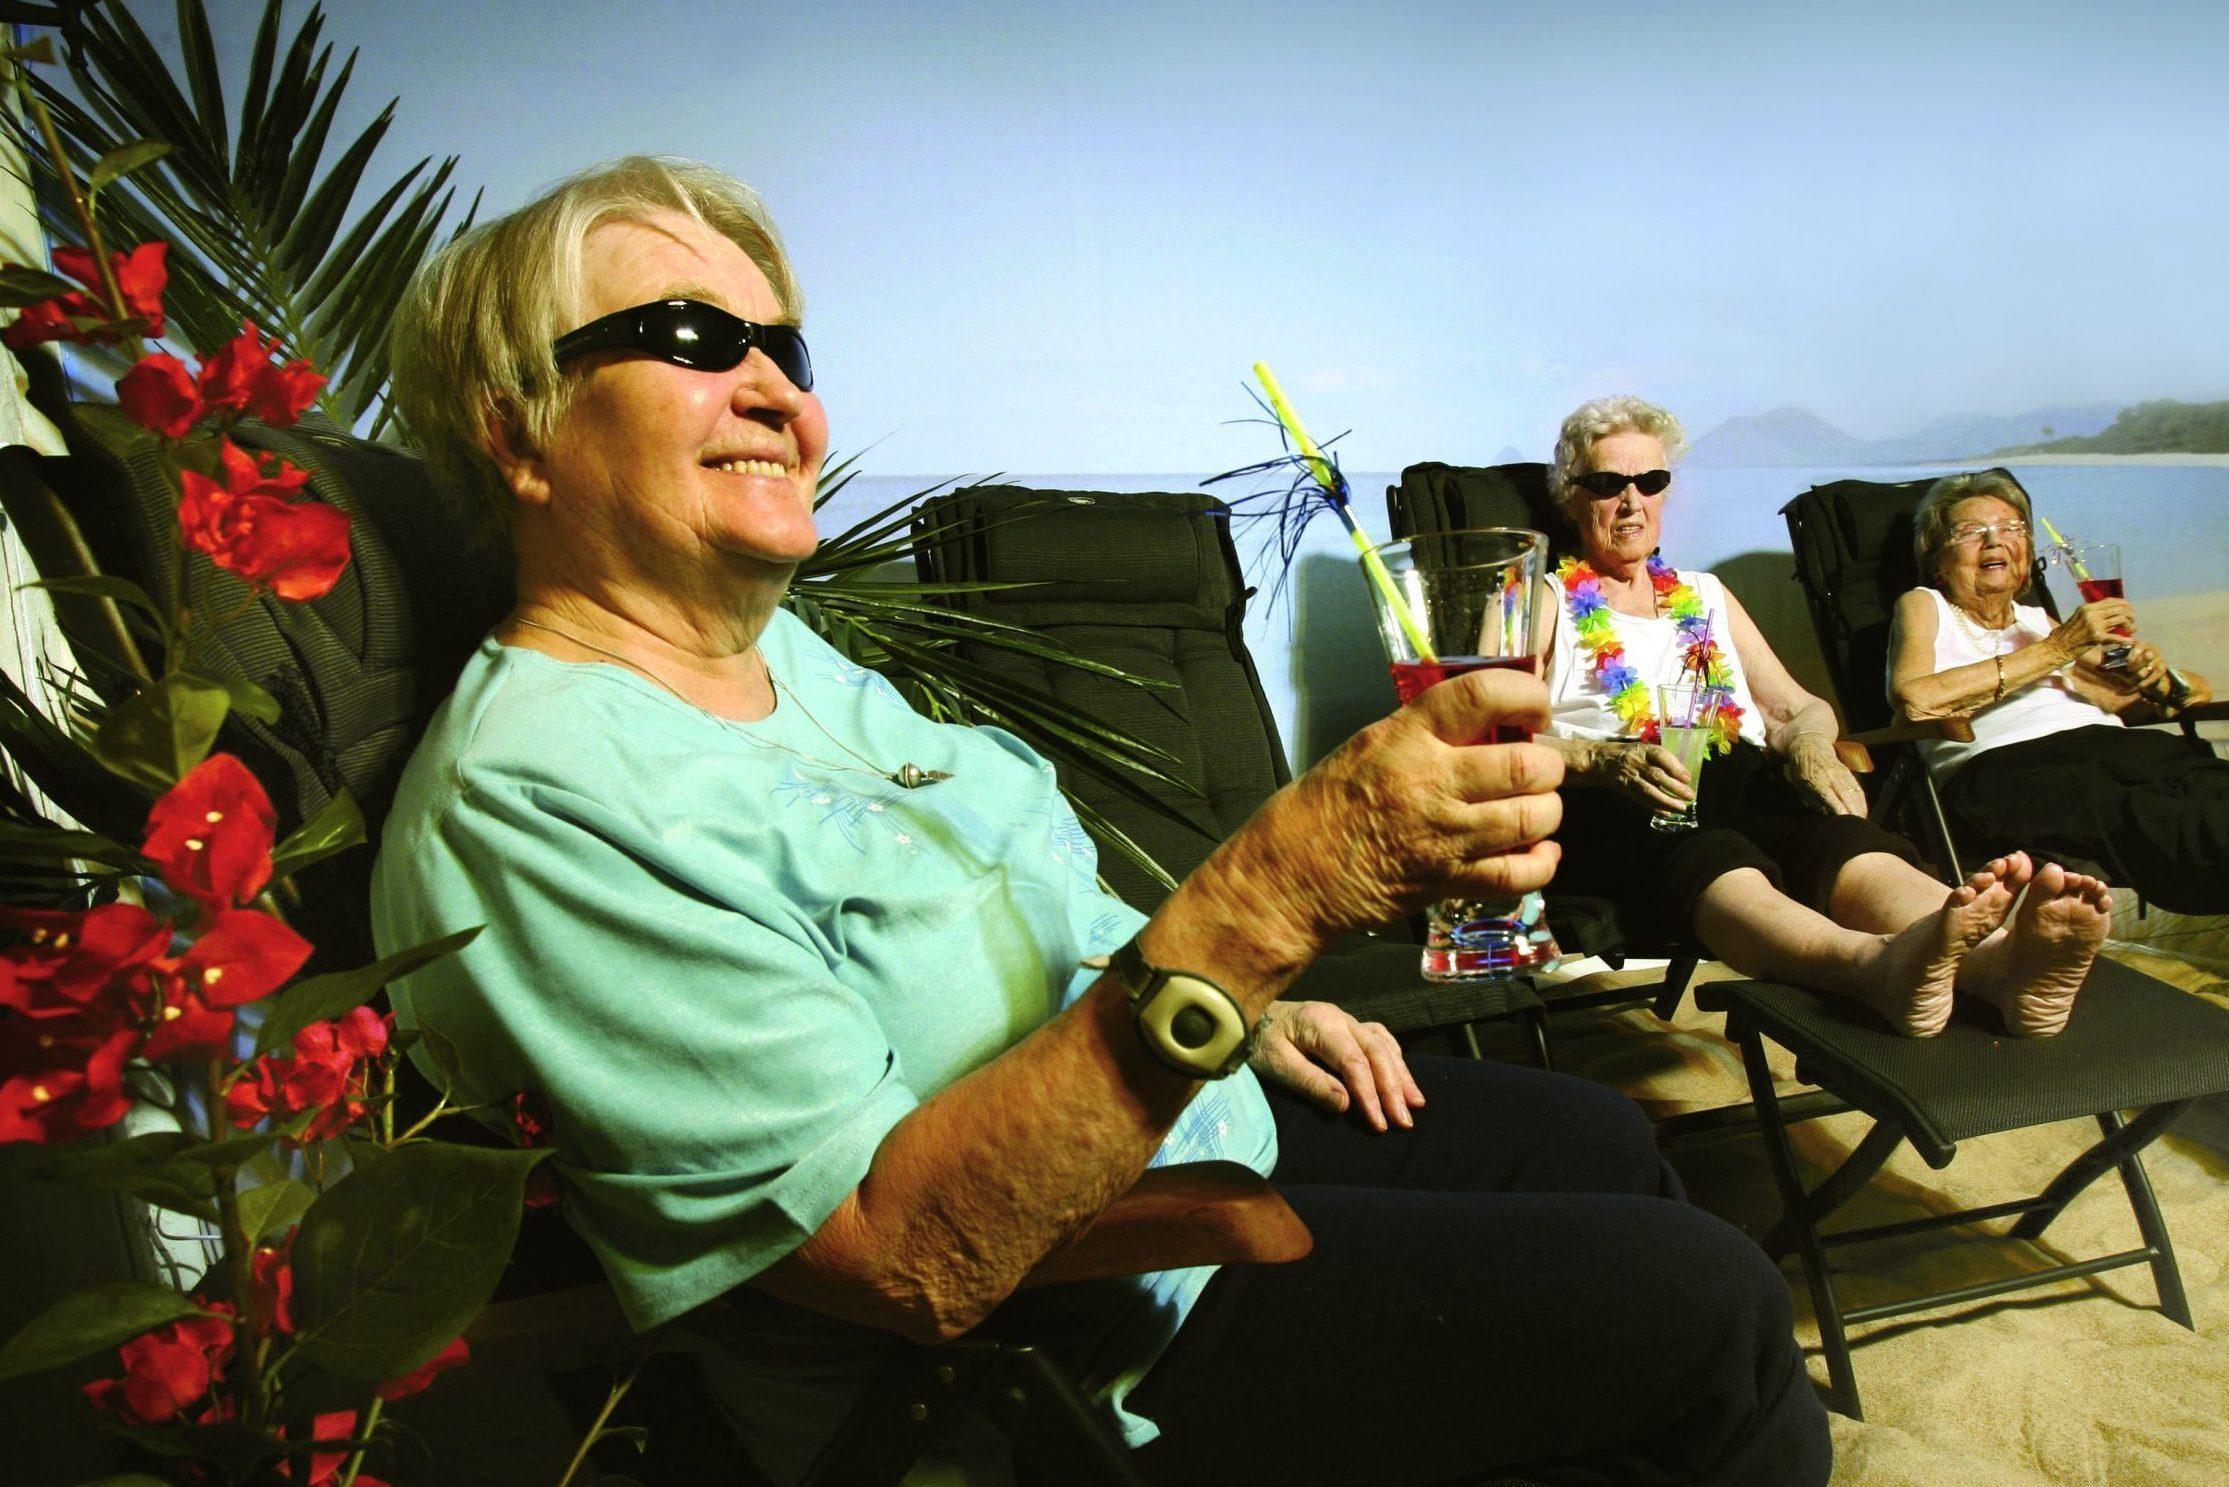 Statsbidraget till solterapi för bättre demens- och äldrevård